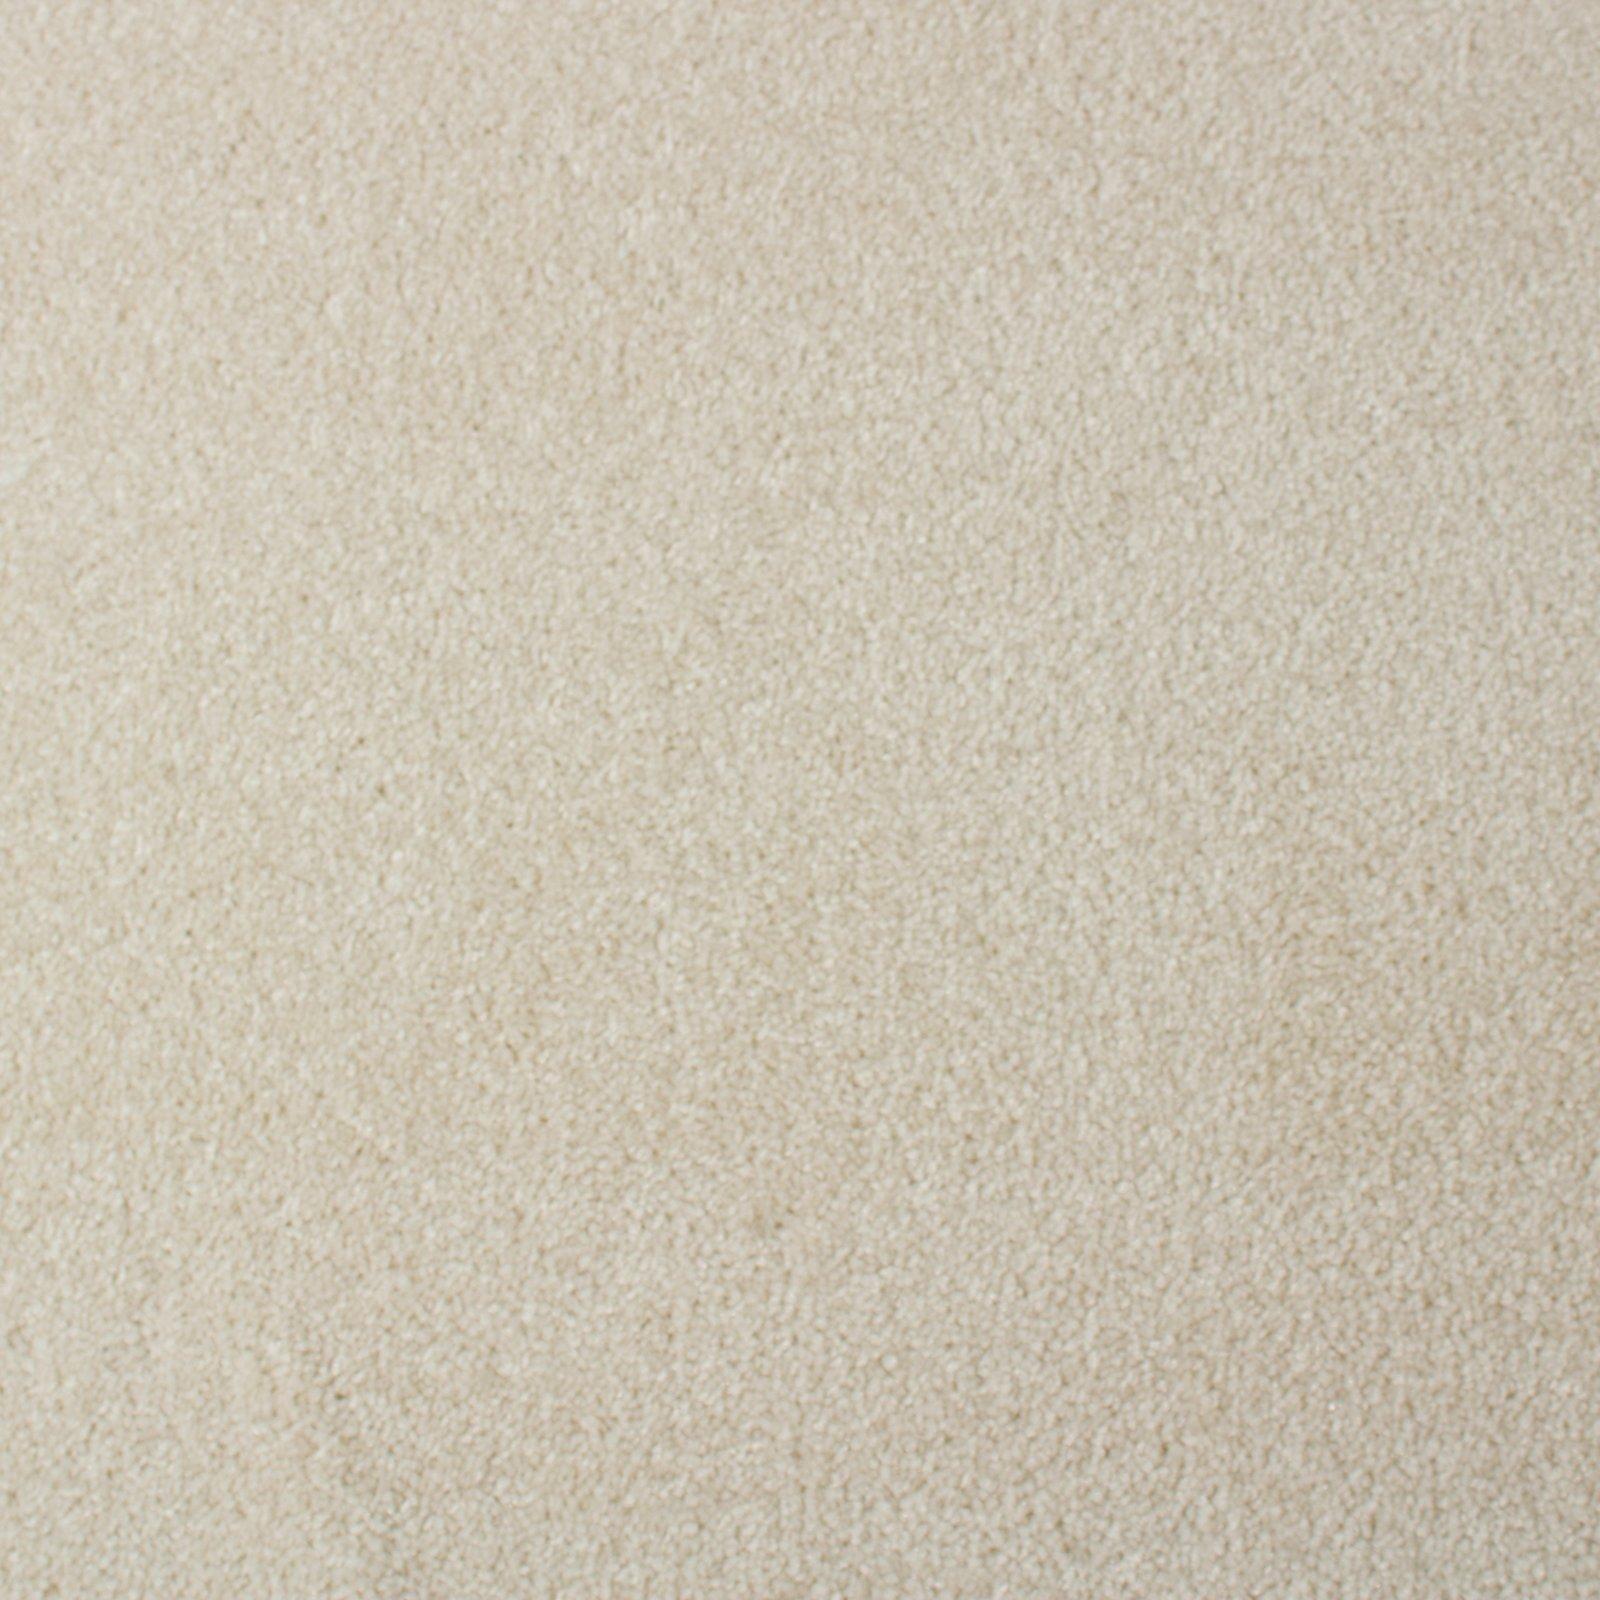 teppichboden nocturne elfenbein 4 meter breit teppichboden bodenbel ge renovieren. Black Bedroom Furniture Sets. Home Design Ideas